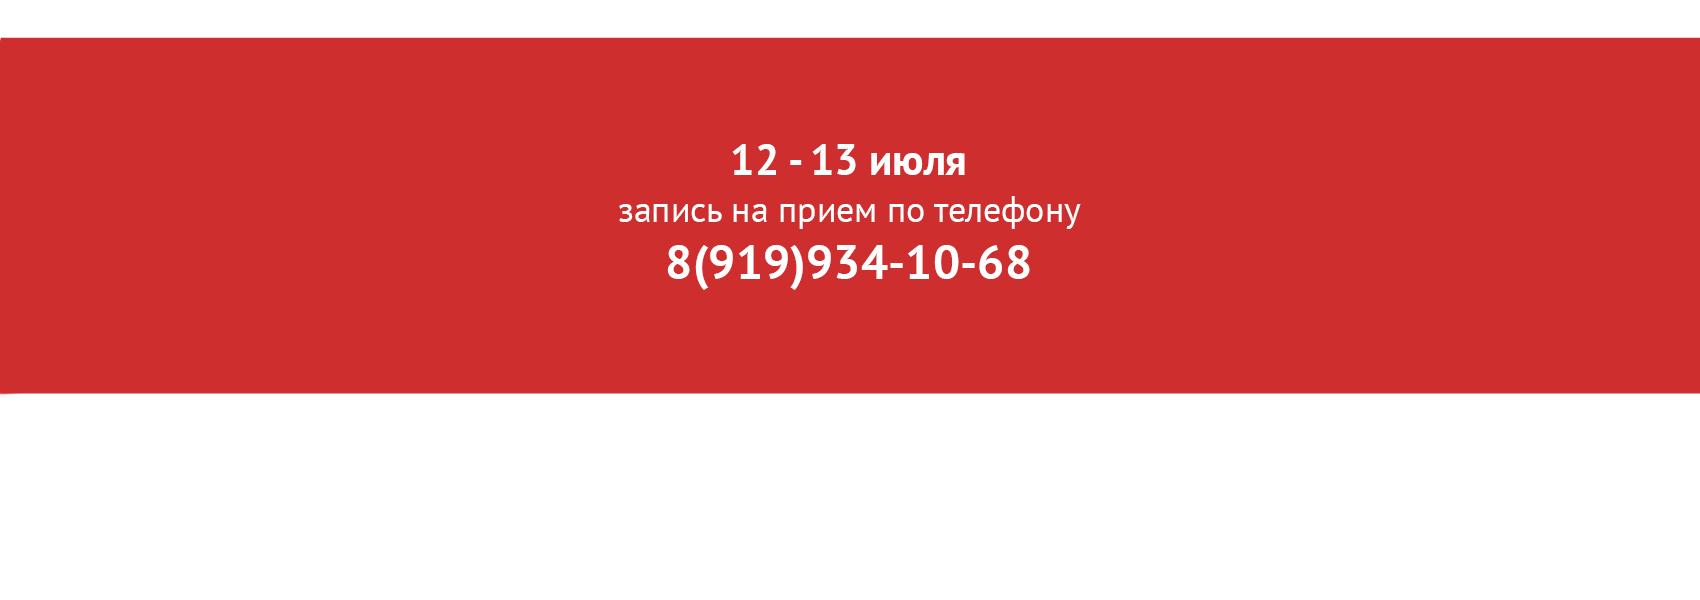 12-13 июля запись по телефону 8(919)934-10-68